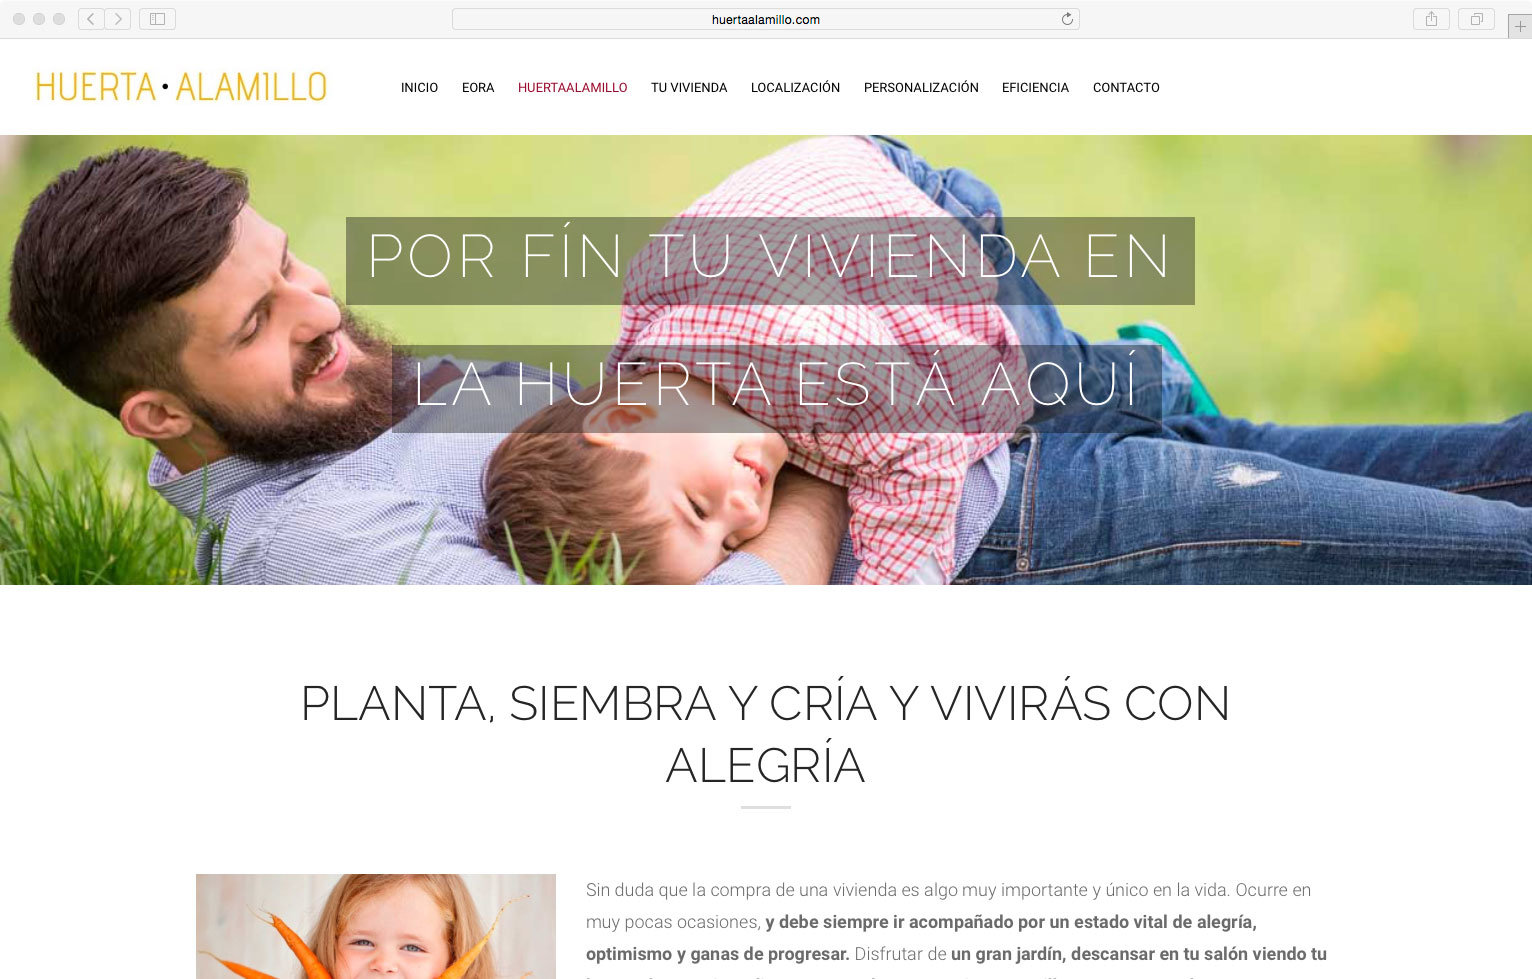 wellaggio diseño web valencia huerta-alamillo